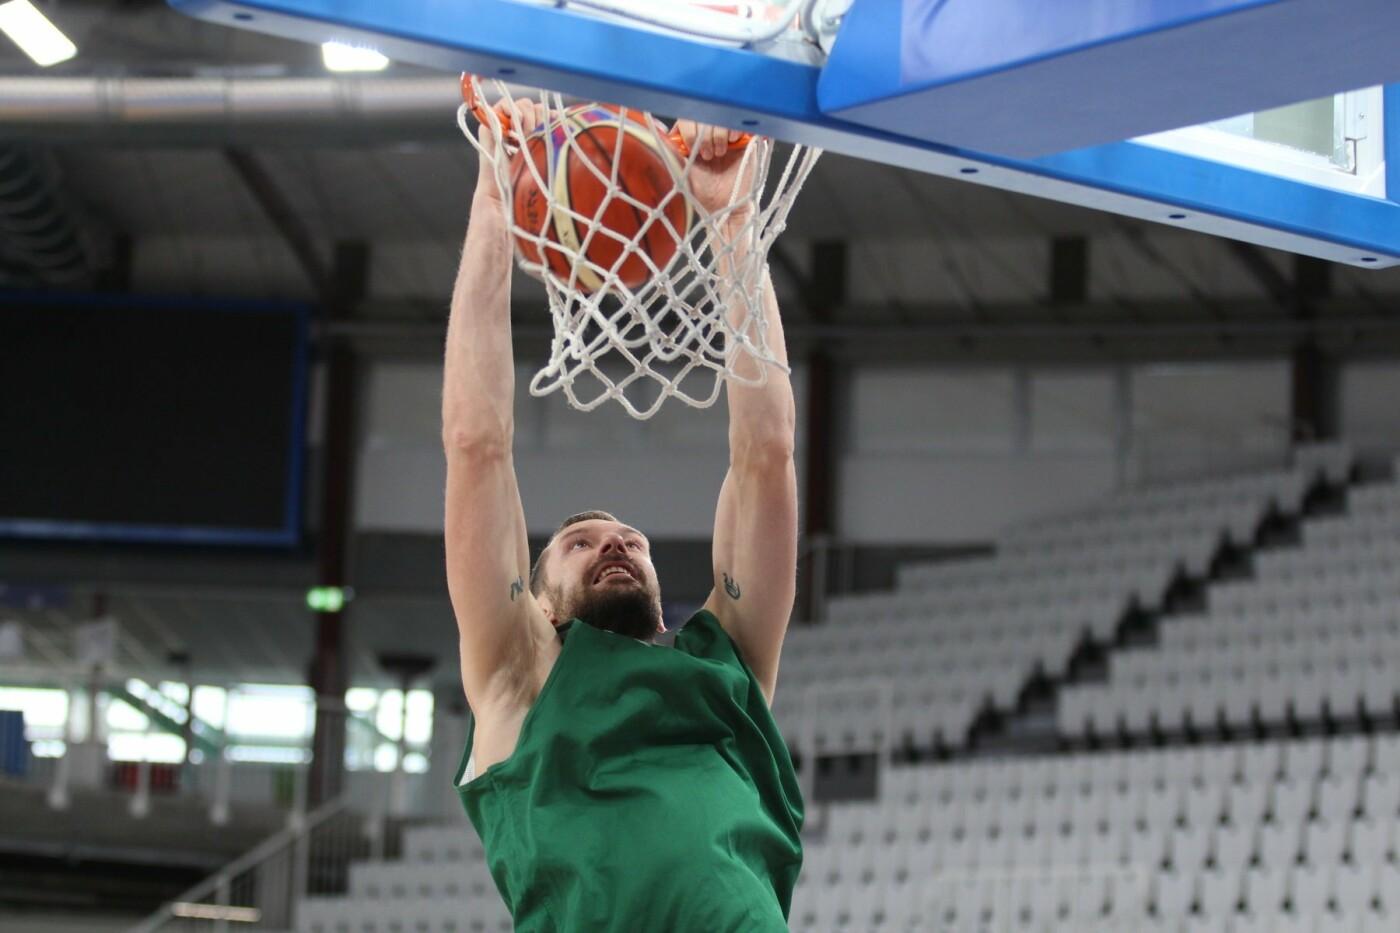 Lietuvos vyrų krepšinio rinktinė surengė vienintelę treniruotę Italijoje, nuotrauka-21